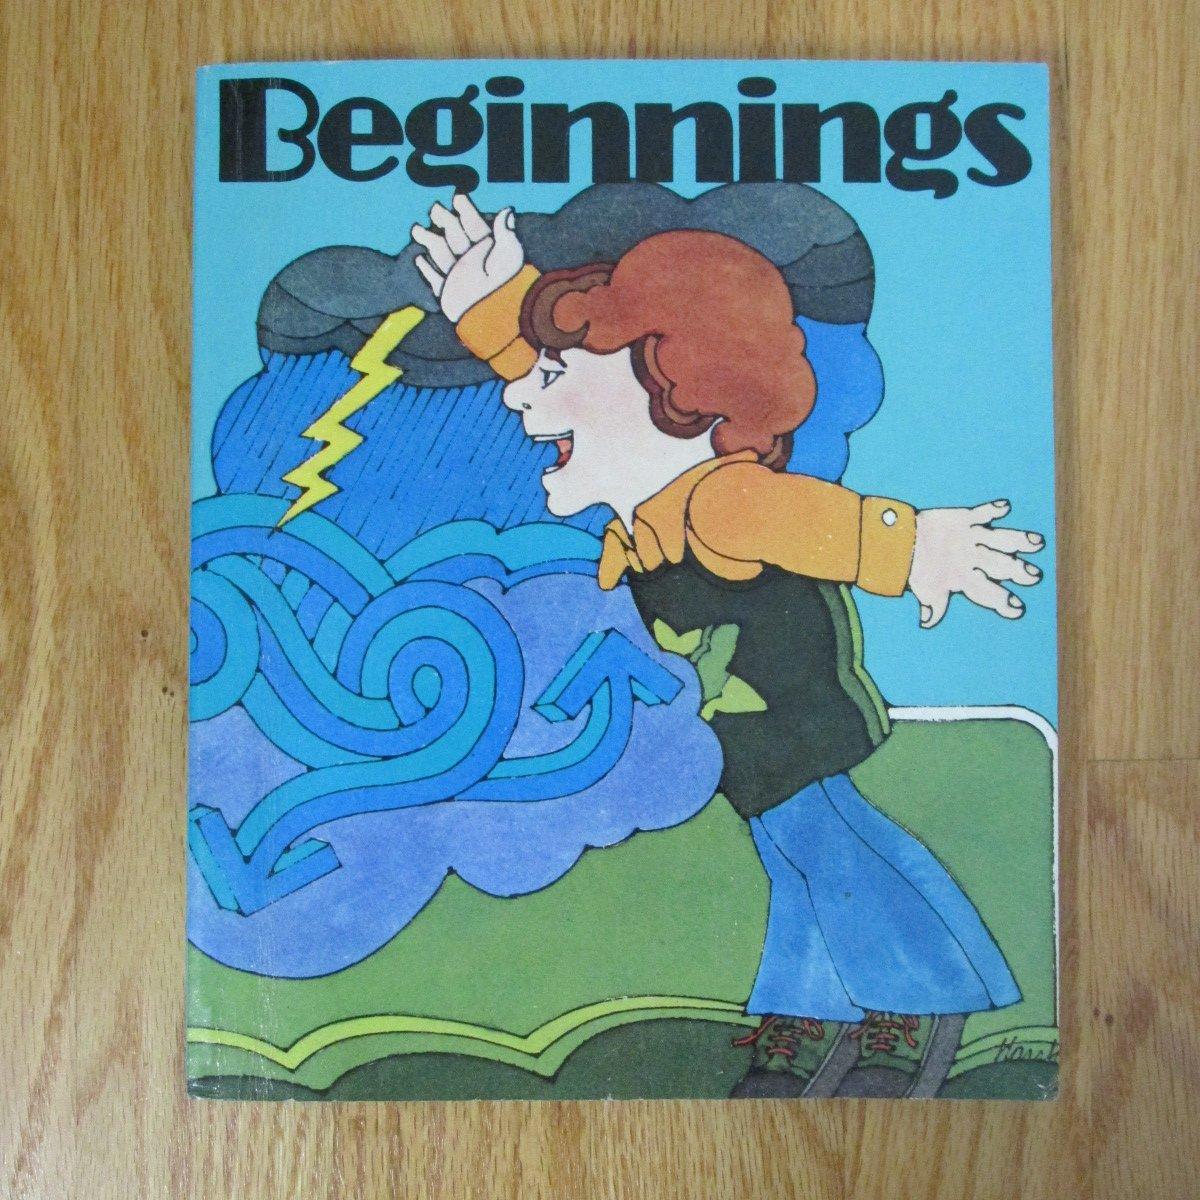 BEGINNINGS BOOK LITERATURE READER TEXTBOOK GRADE MACMILLAN 1975 SHORT STORIES